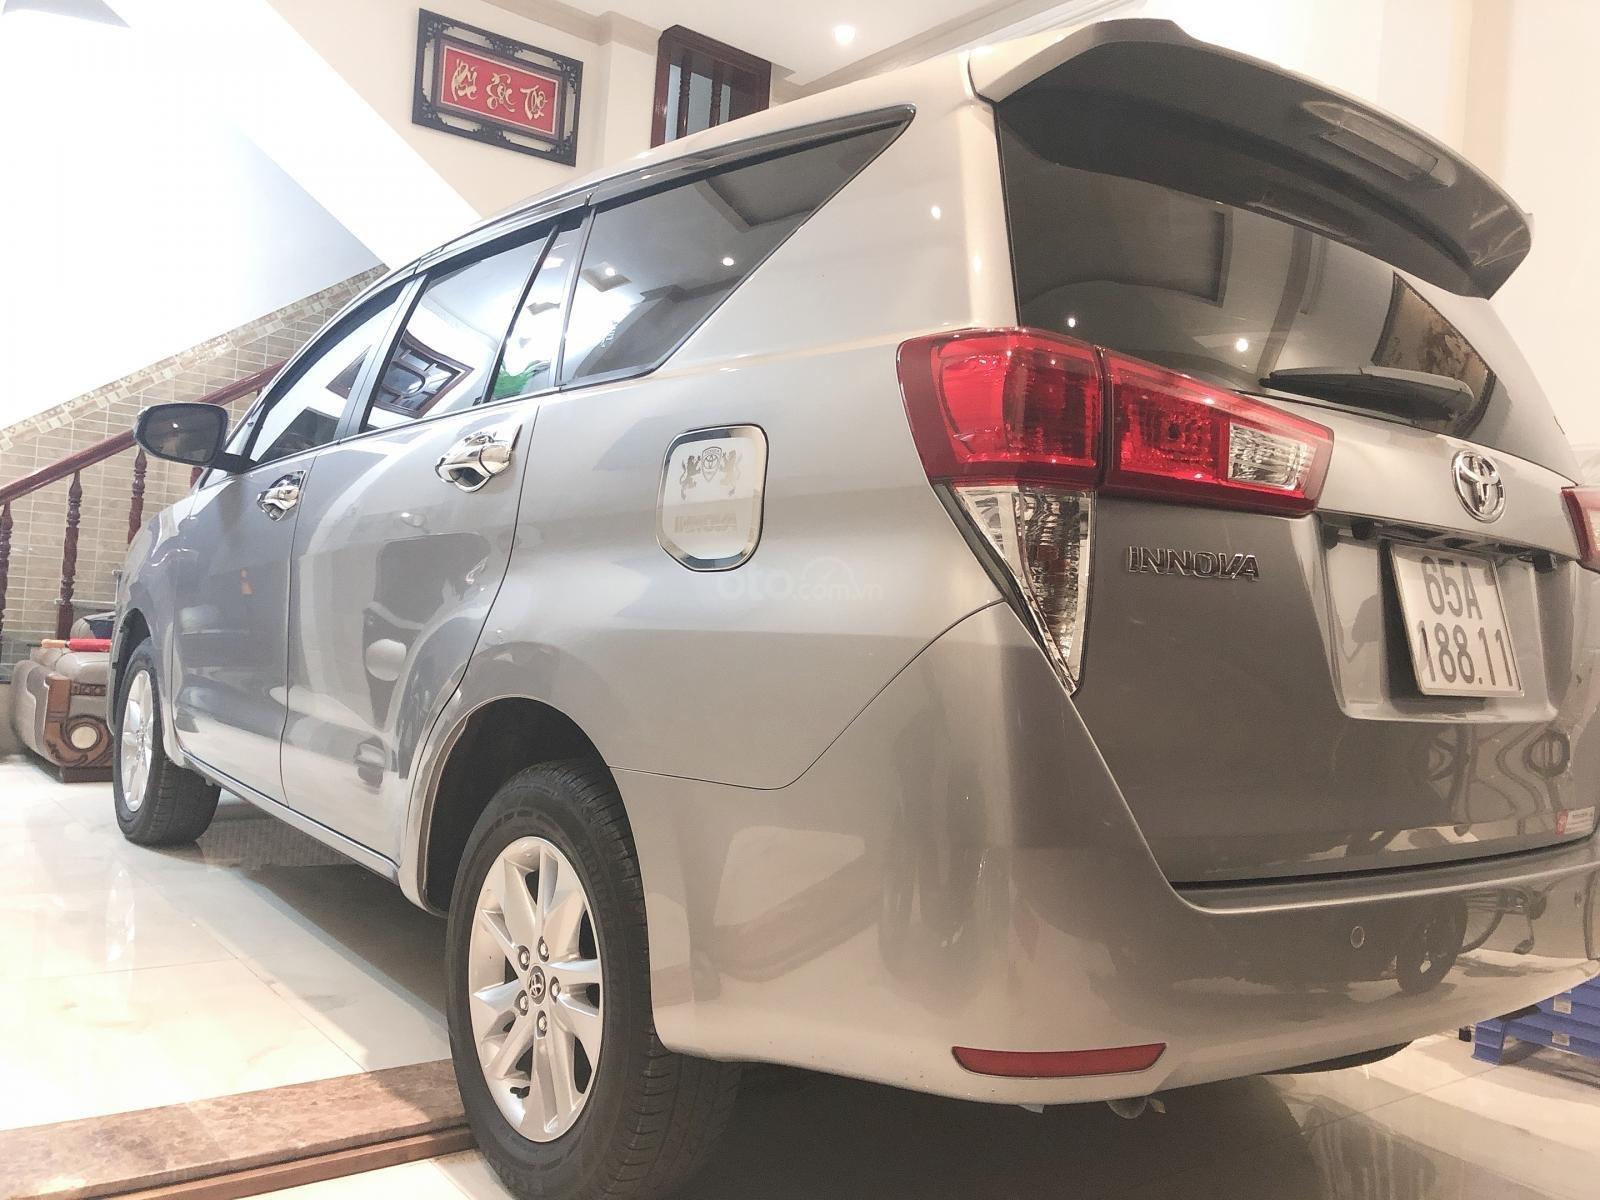 Bán Toyota Innova 2.0E 2019, biển số phong thuỷ kinh doanh 65A-18811 (nhất phát phát nhất nhất) 9 nút (4)